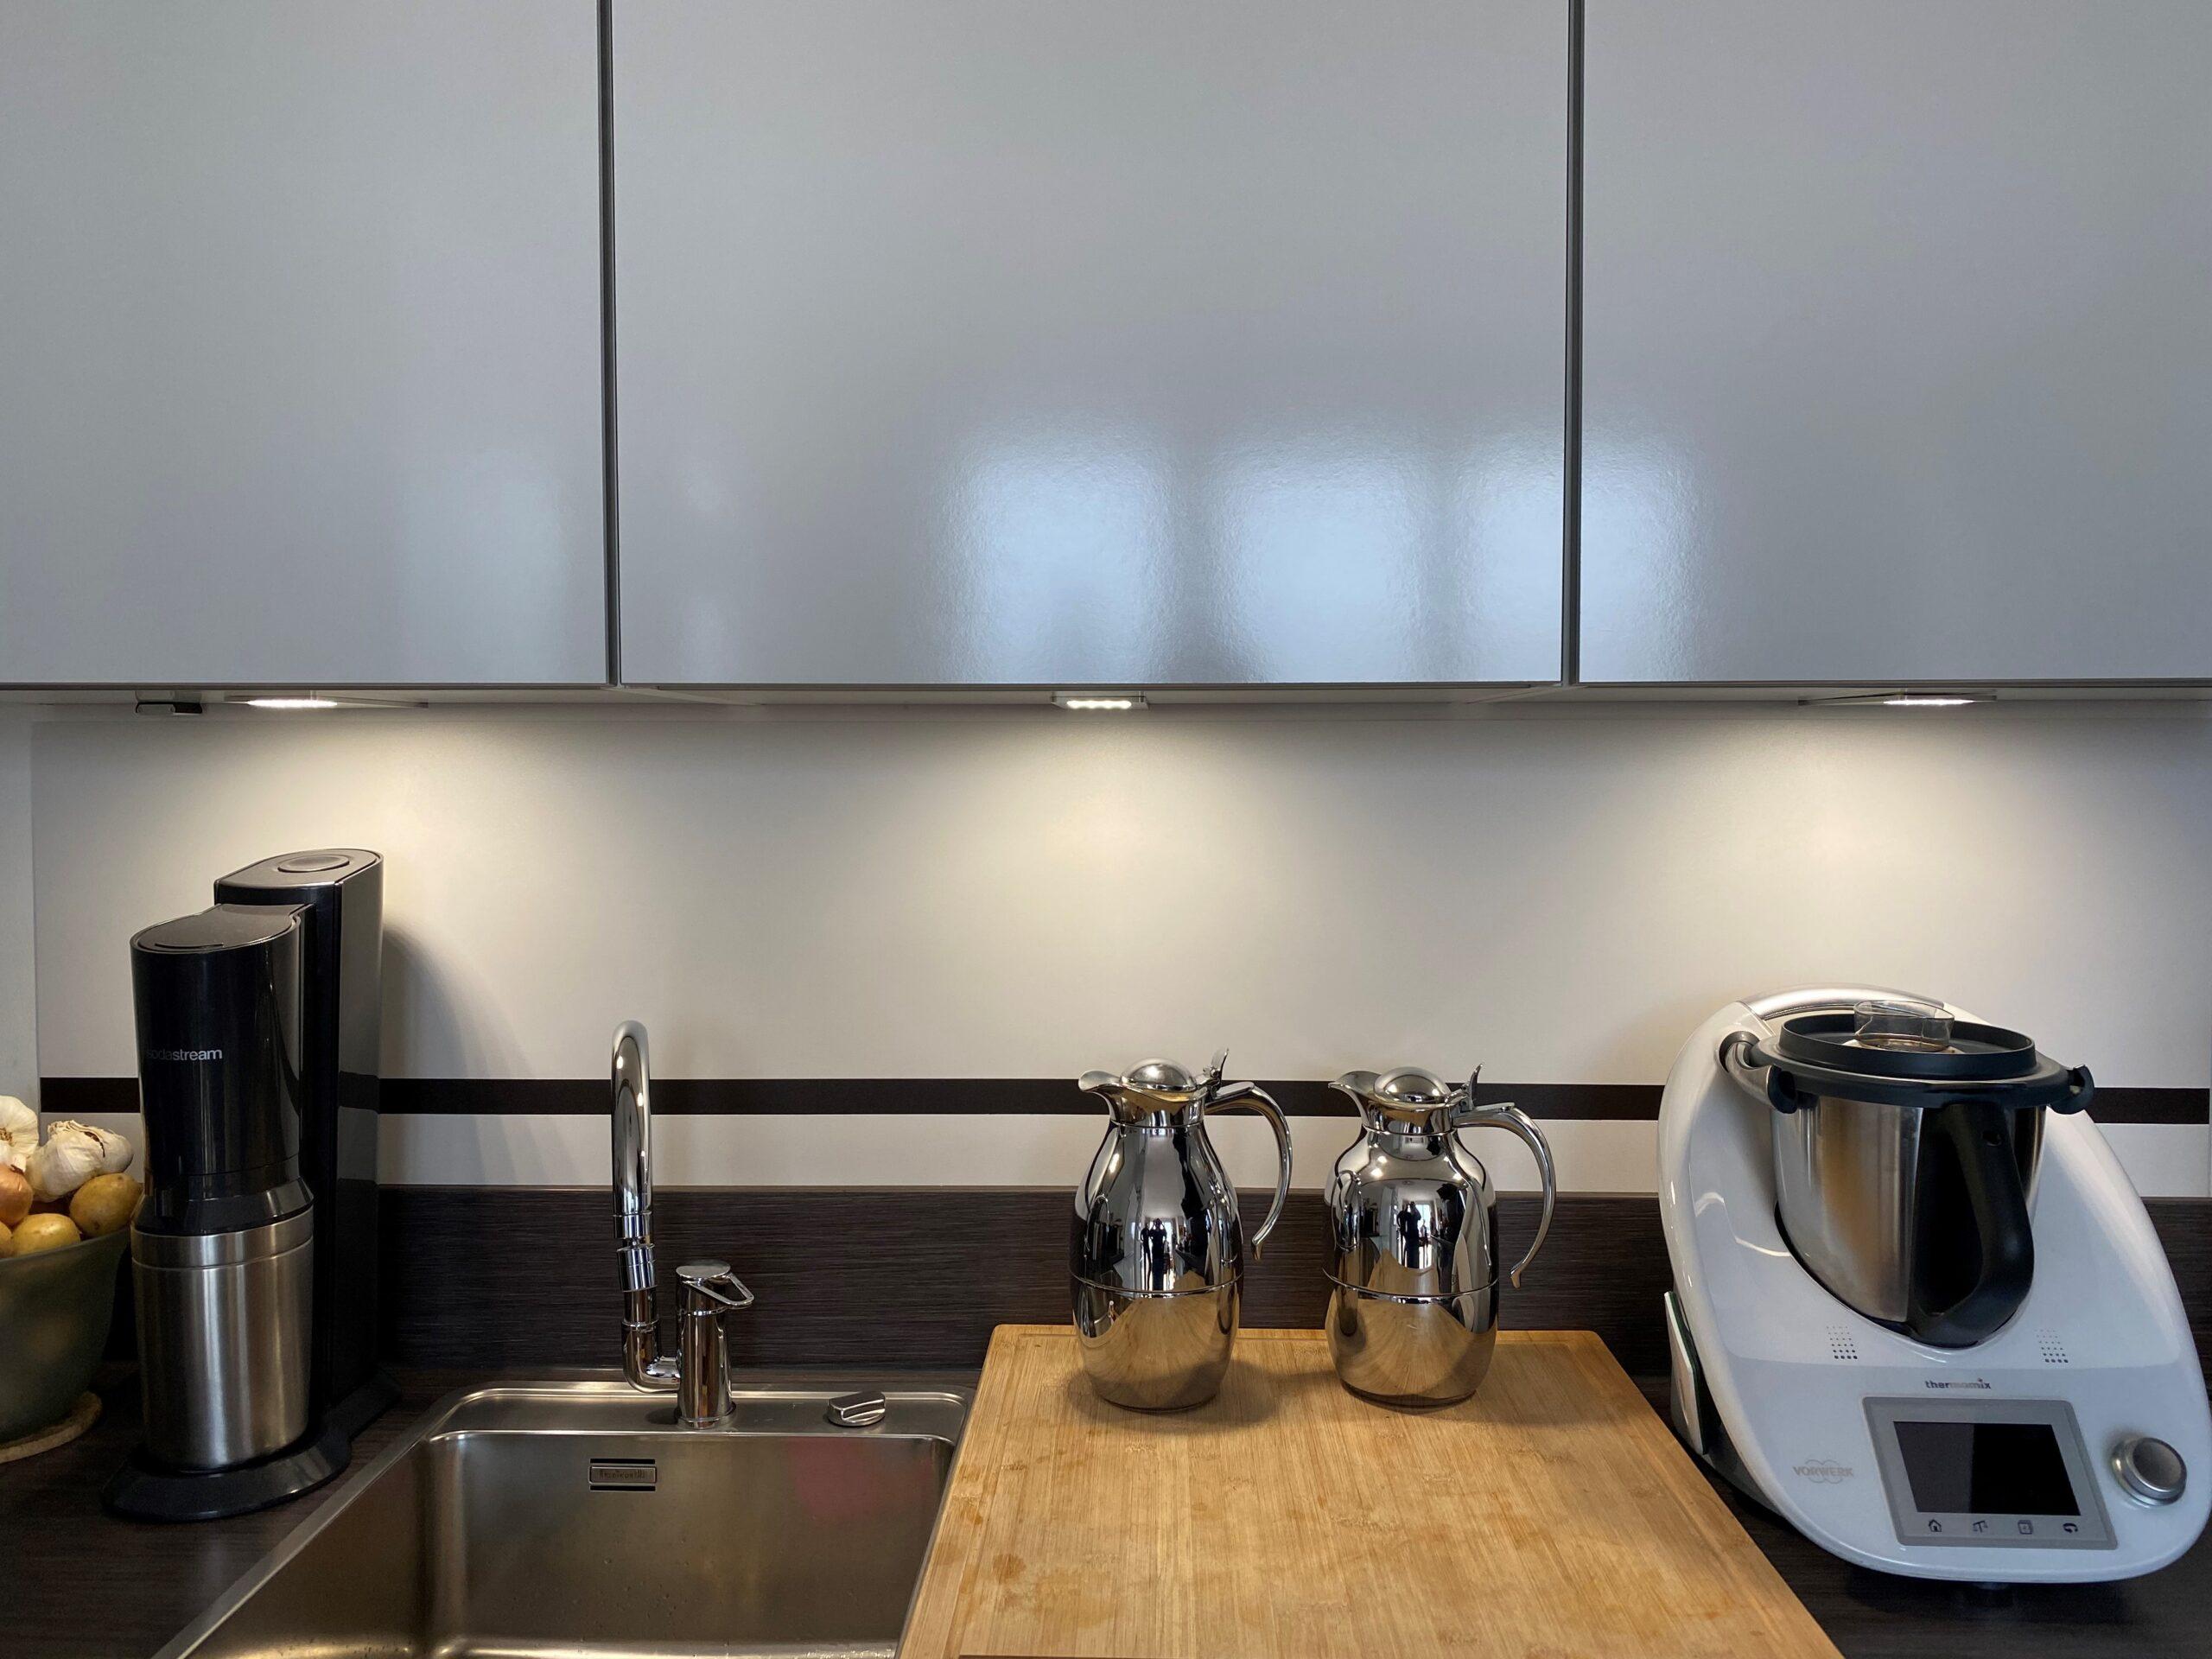 Full Size of Küchen Fliesenspiegel Küche Regal Glas Selber Machen Wohnzimmer Küchen Fliesenspiegel